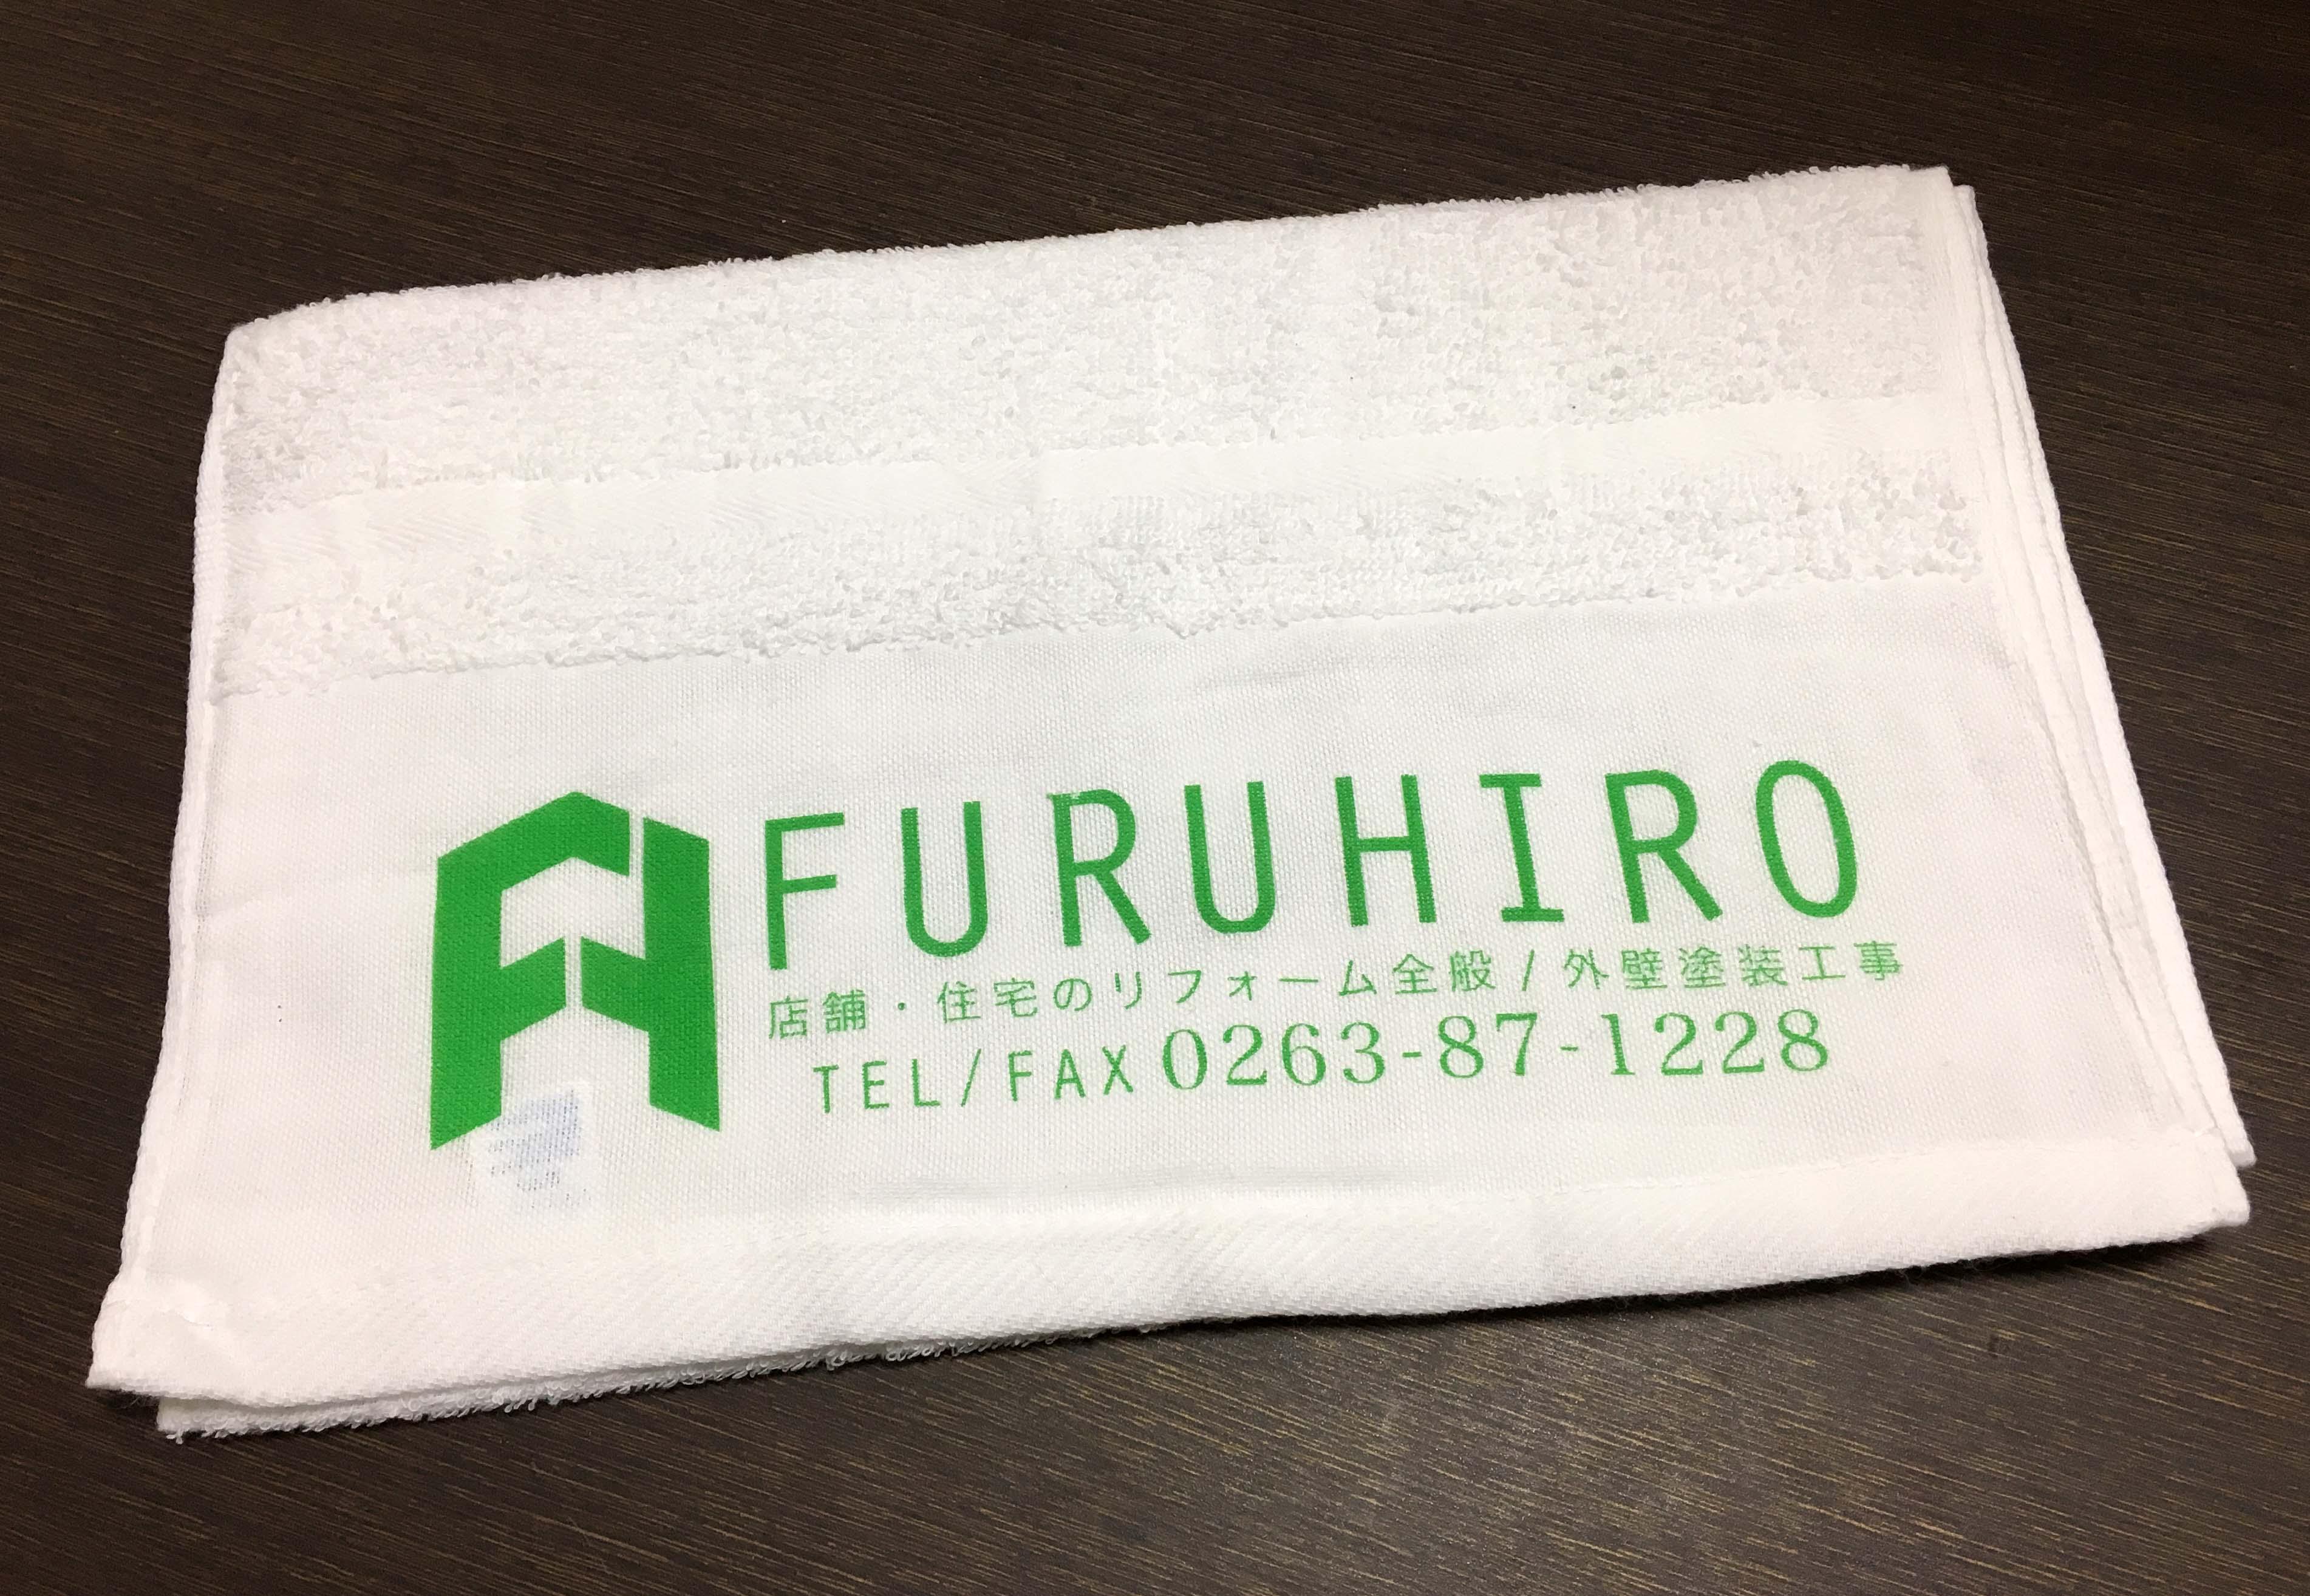 オリジナル印刷タオル製作